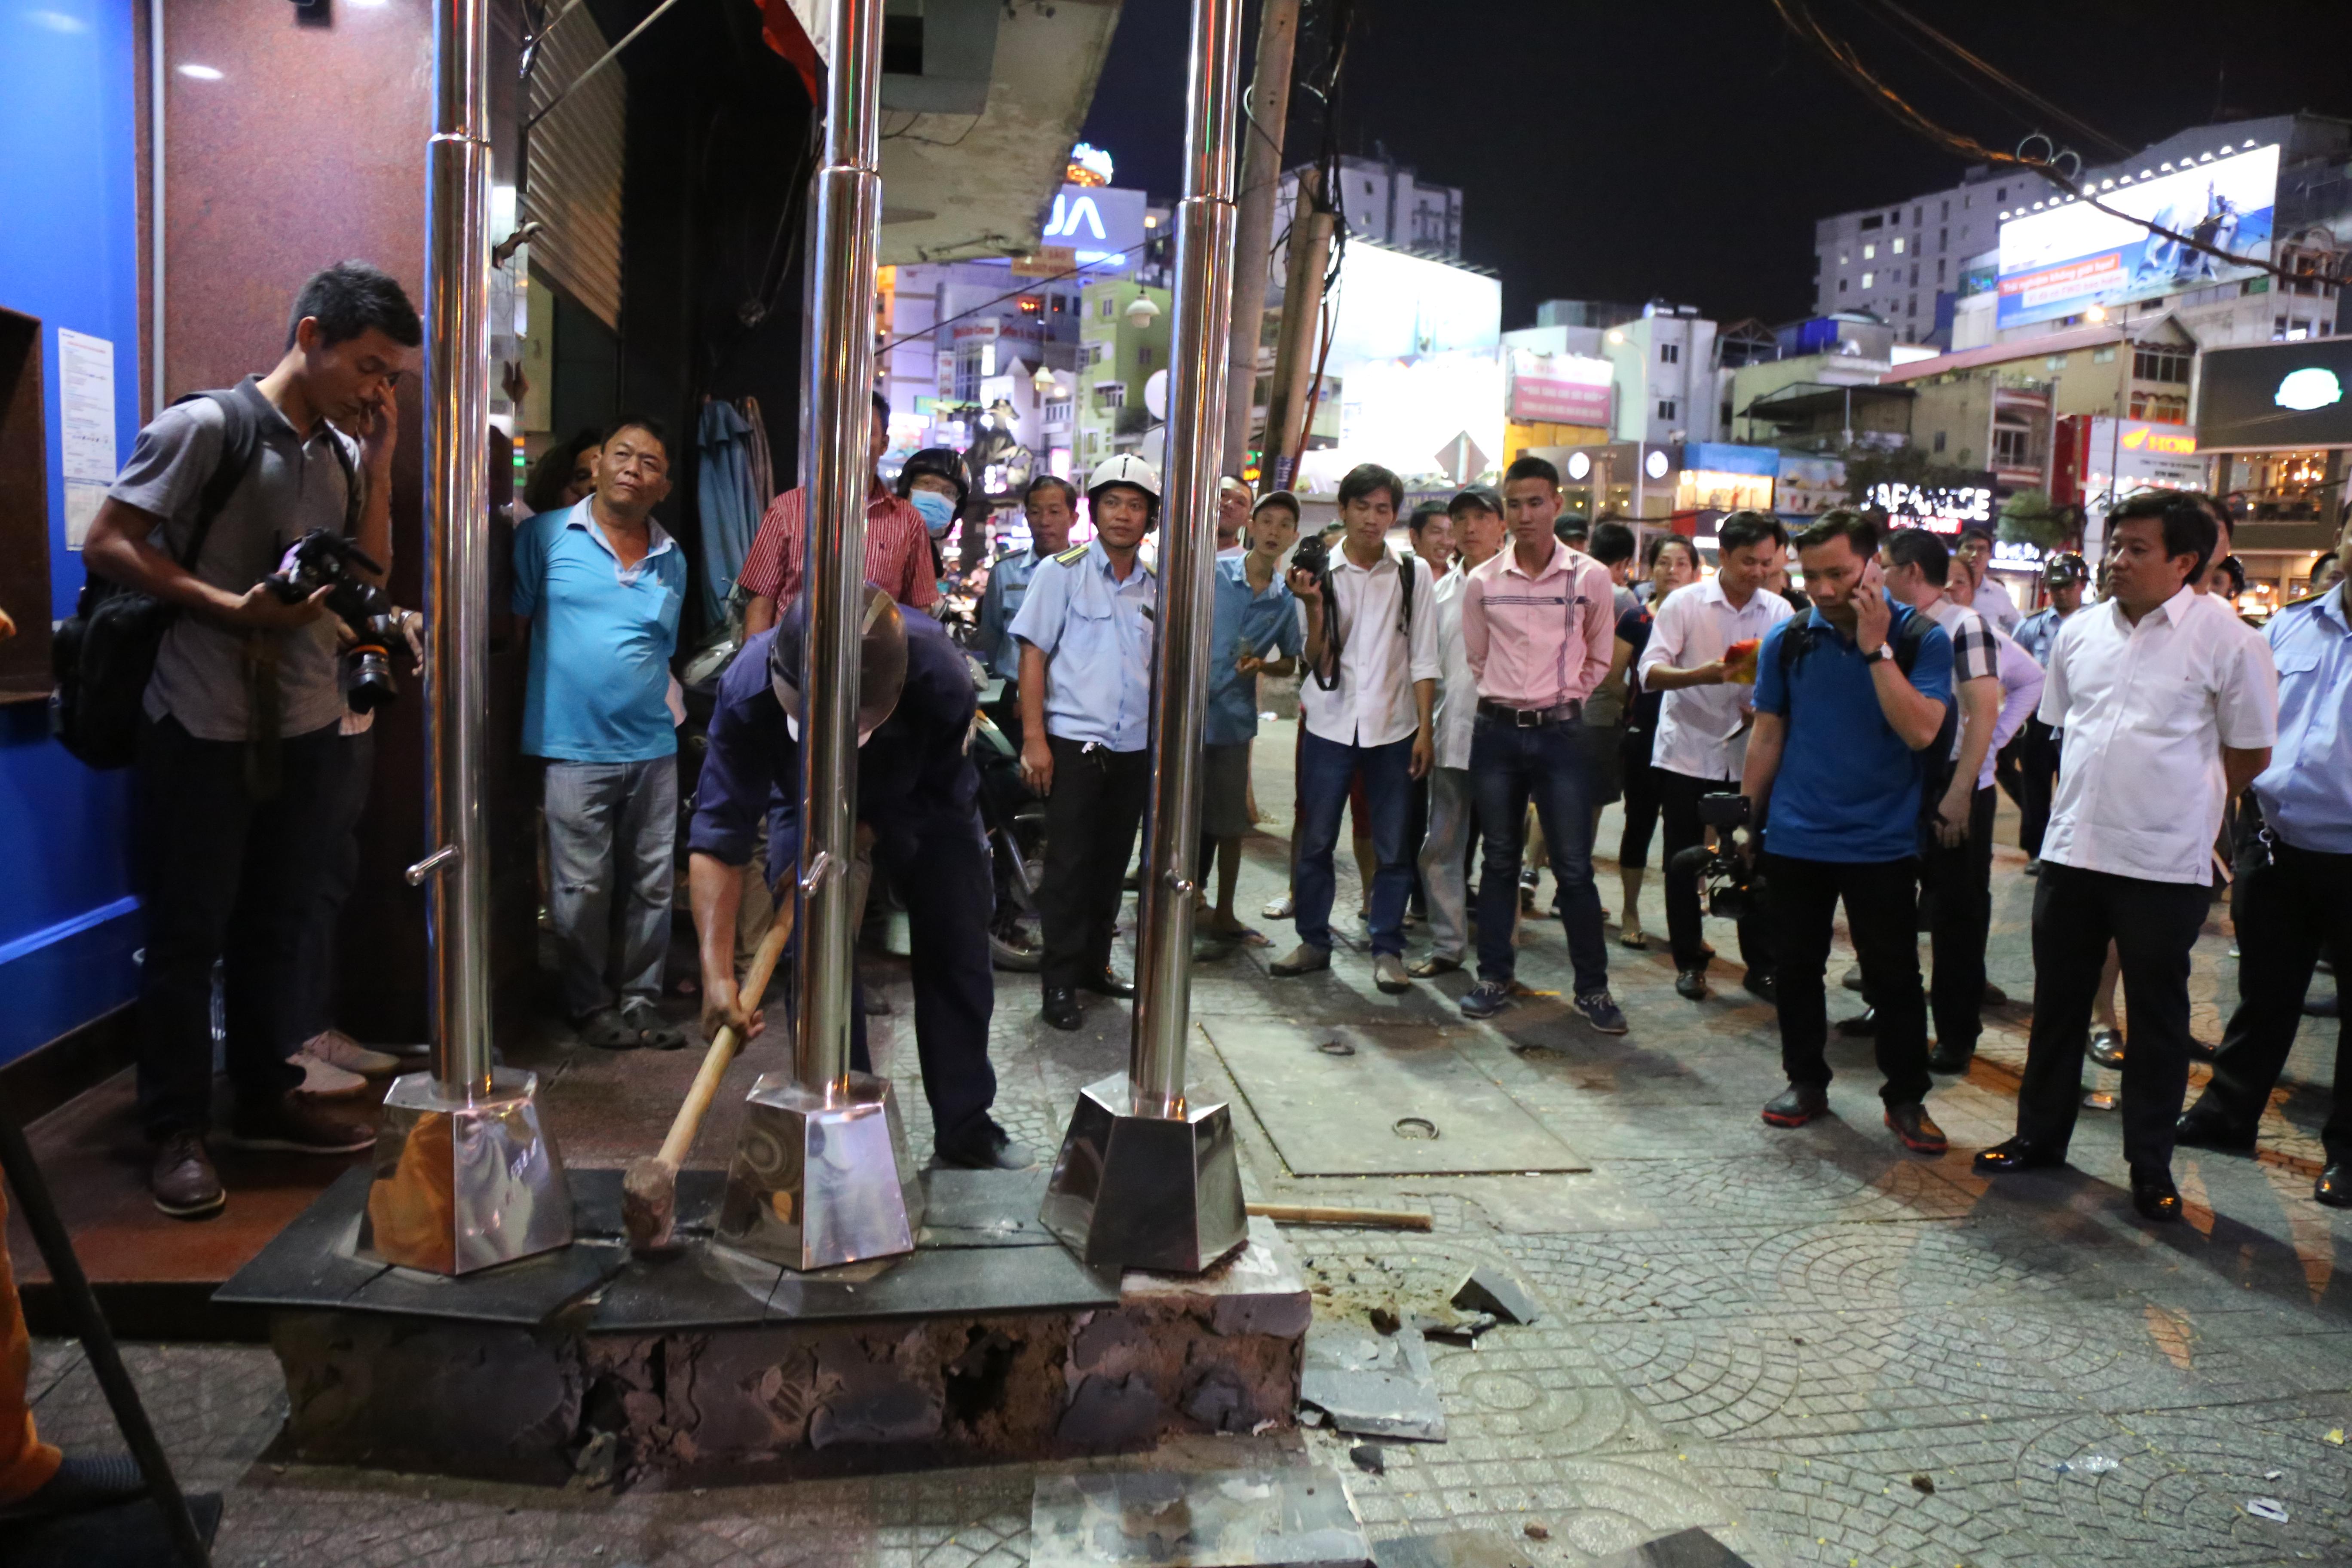 Quán café Starbucks ở ngã 6 Phù Đổng, Sài Gòn bị phá bỏ khu bồn hoa, bậc thềm vì lấn chiếm vỉa hè - Ảnh 7.